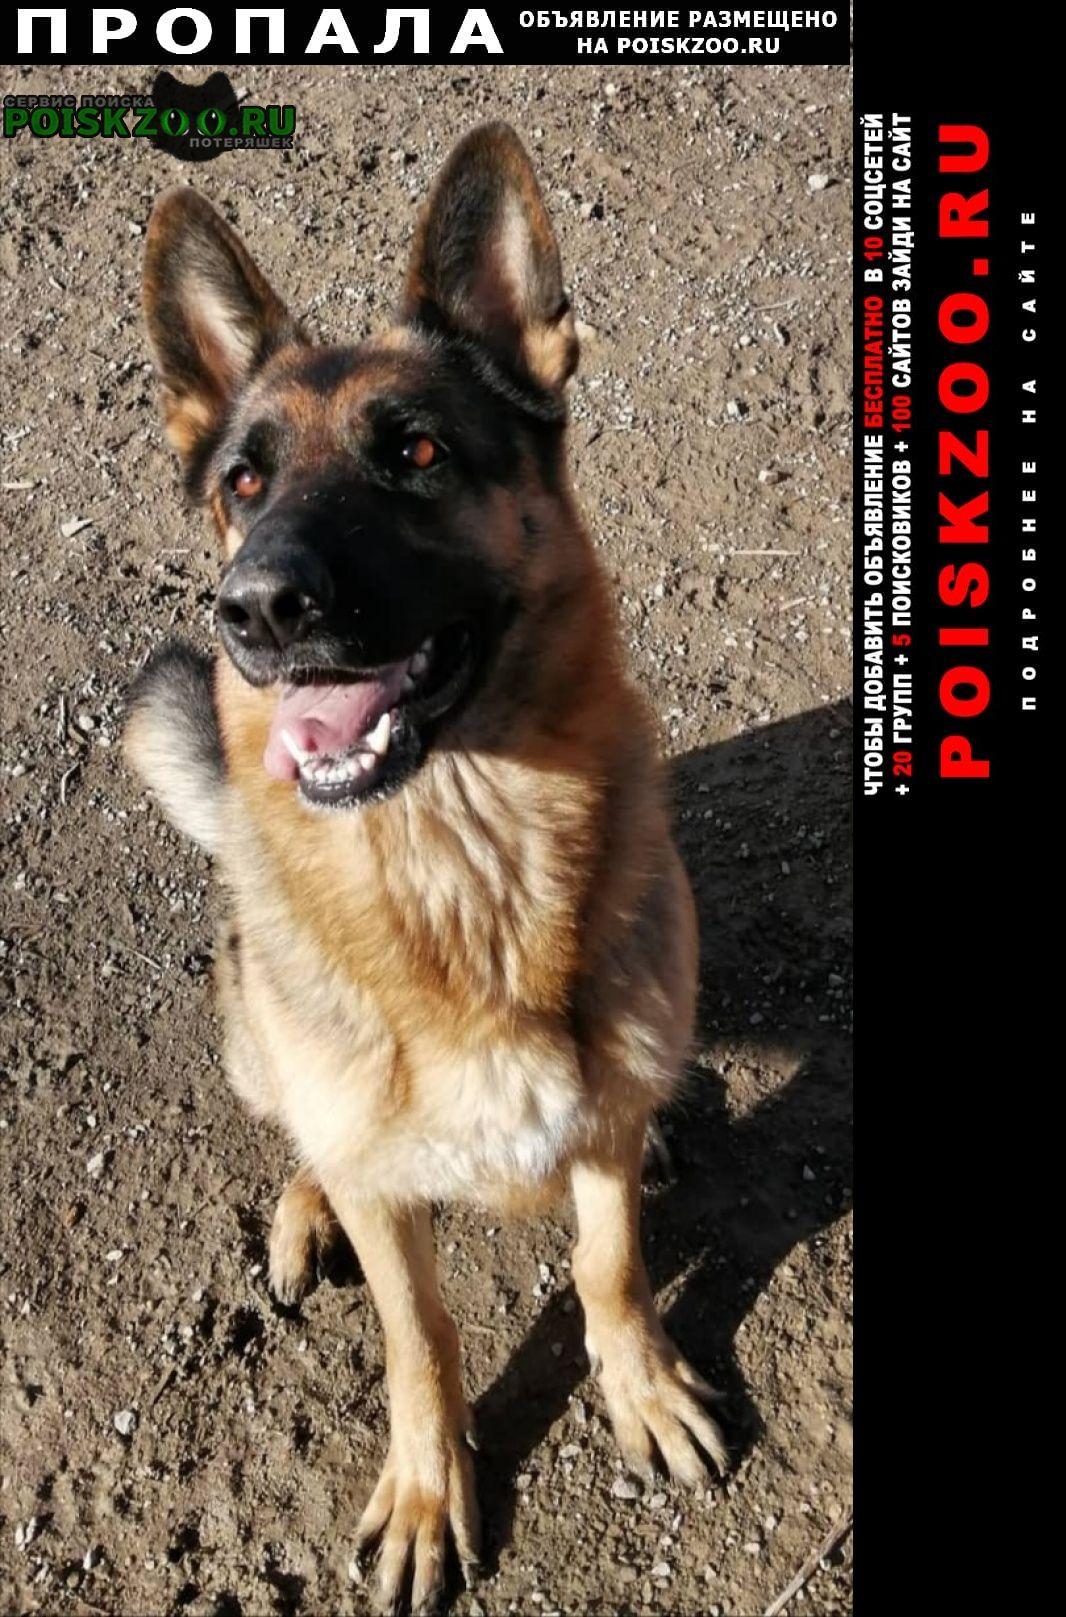 Пропала собака Кольчугино